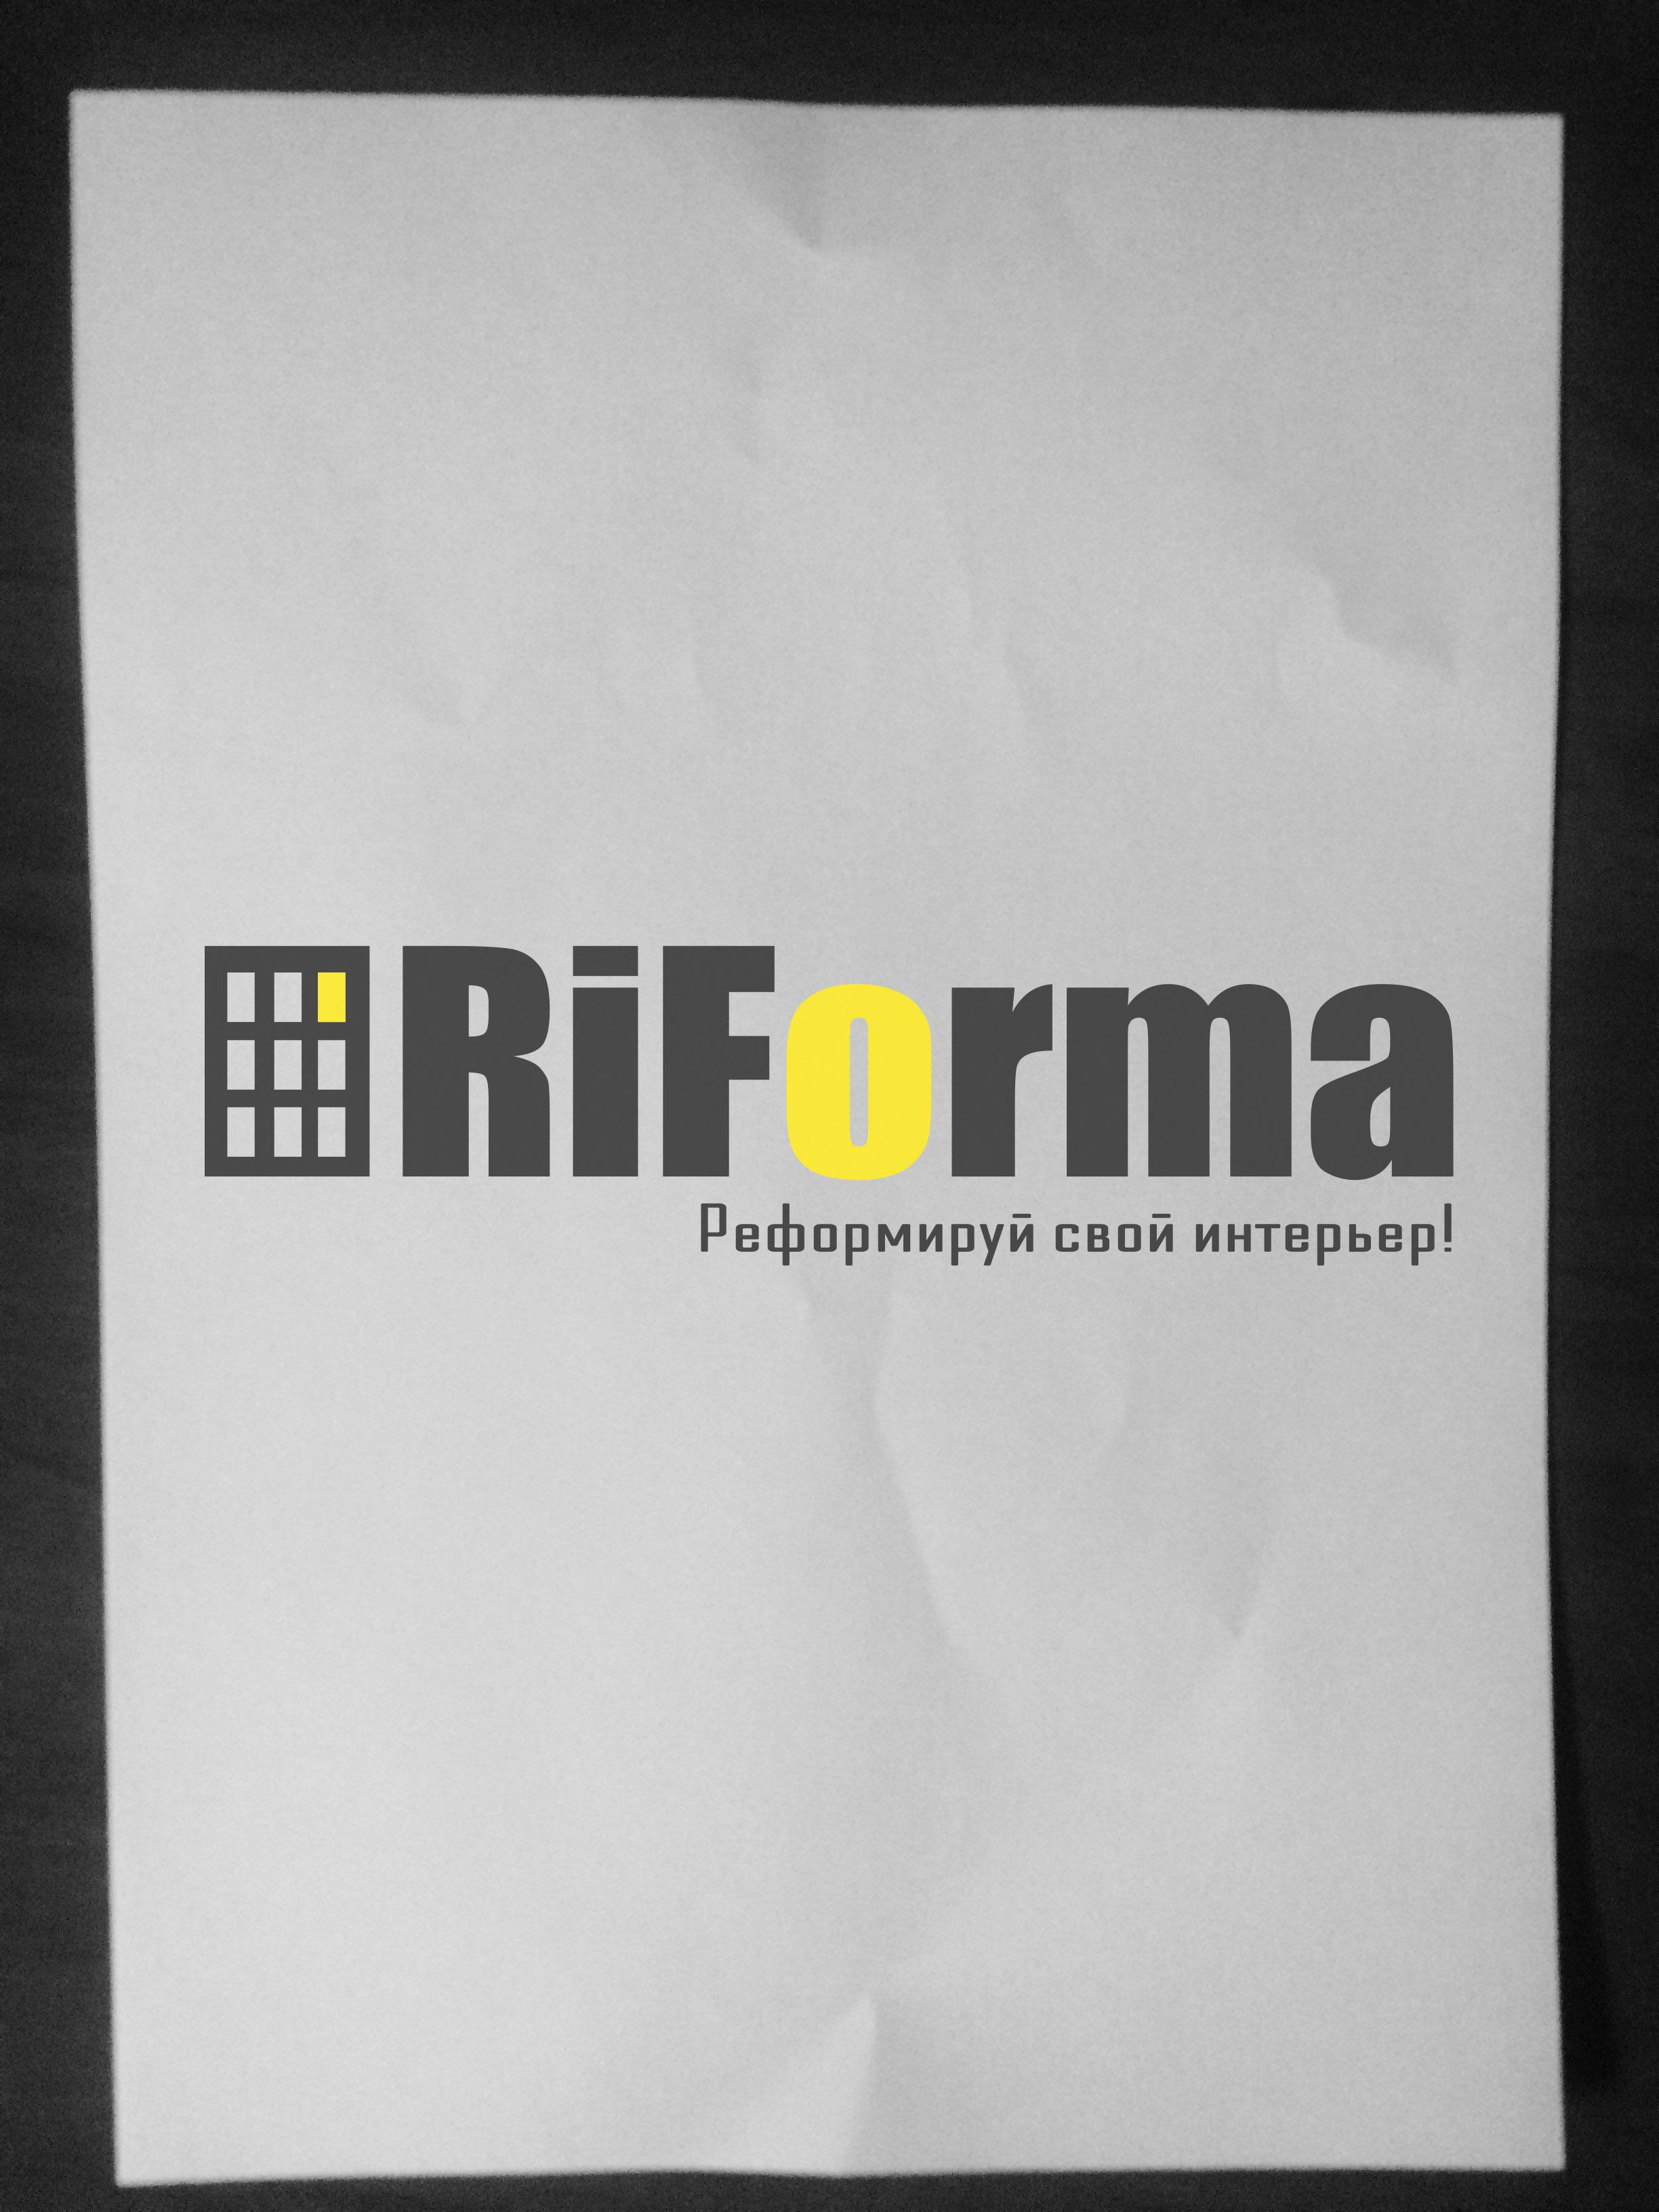 Разработка логотипа и элементов фирменного стиля фото f_1685792b28aa4efb.jpg